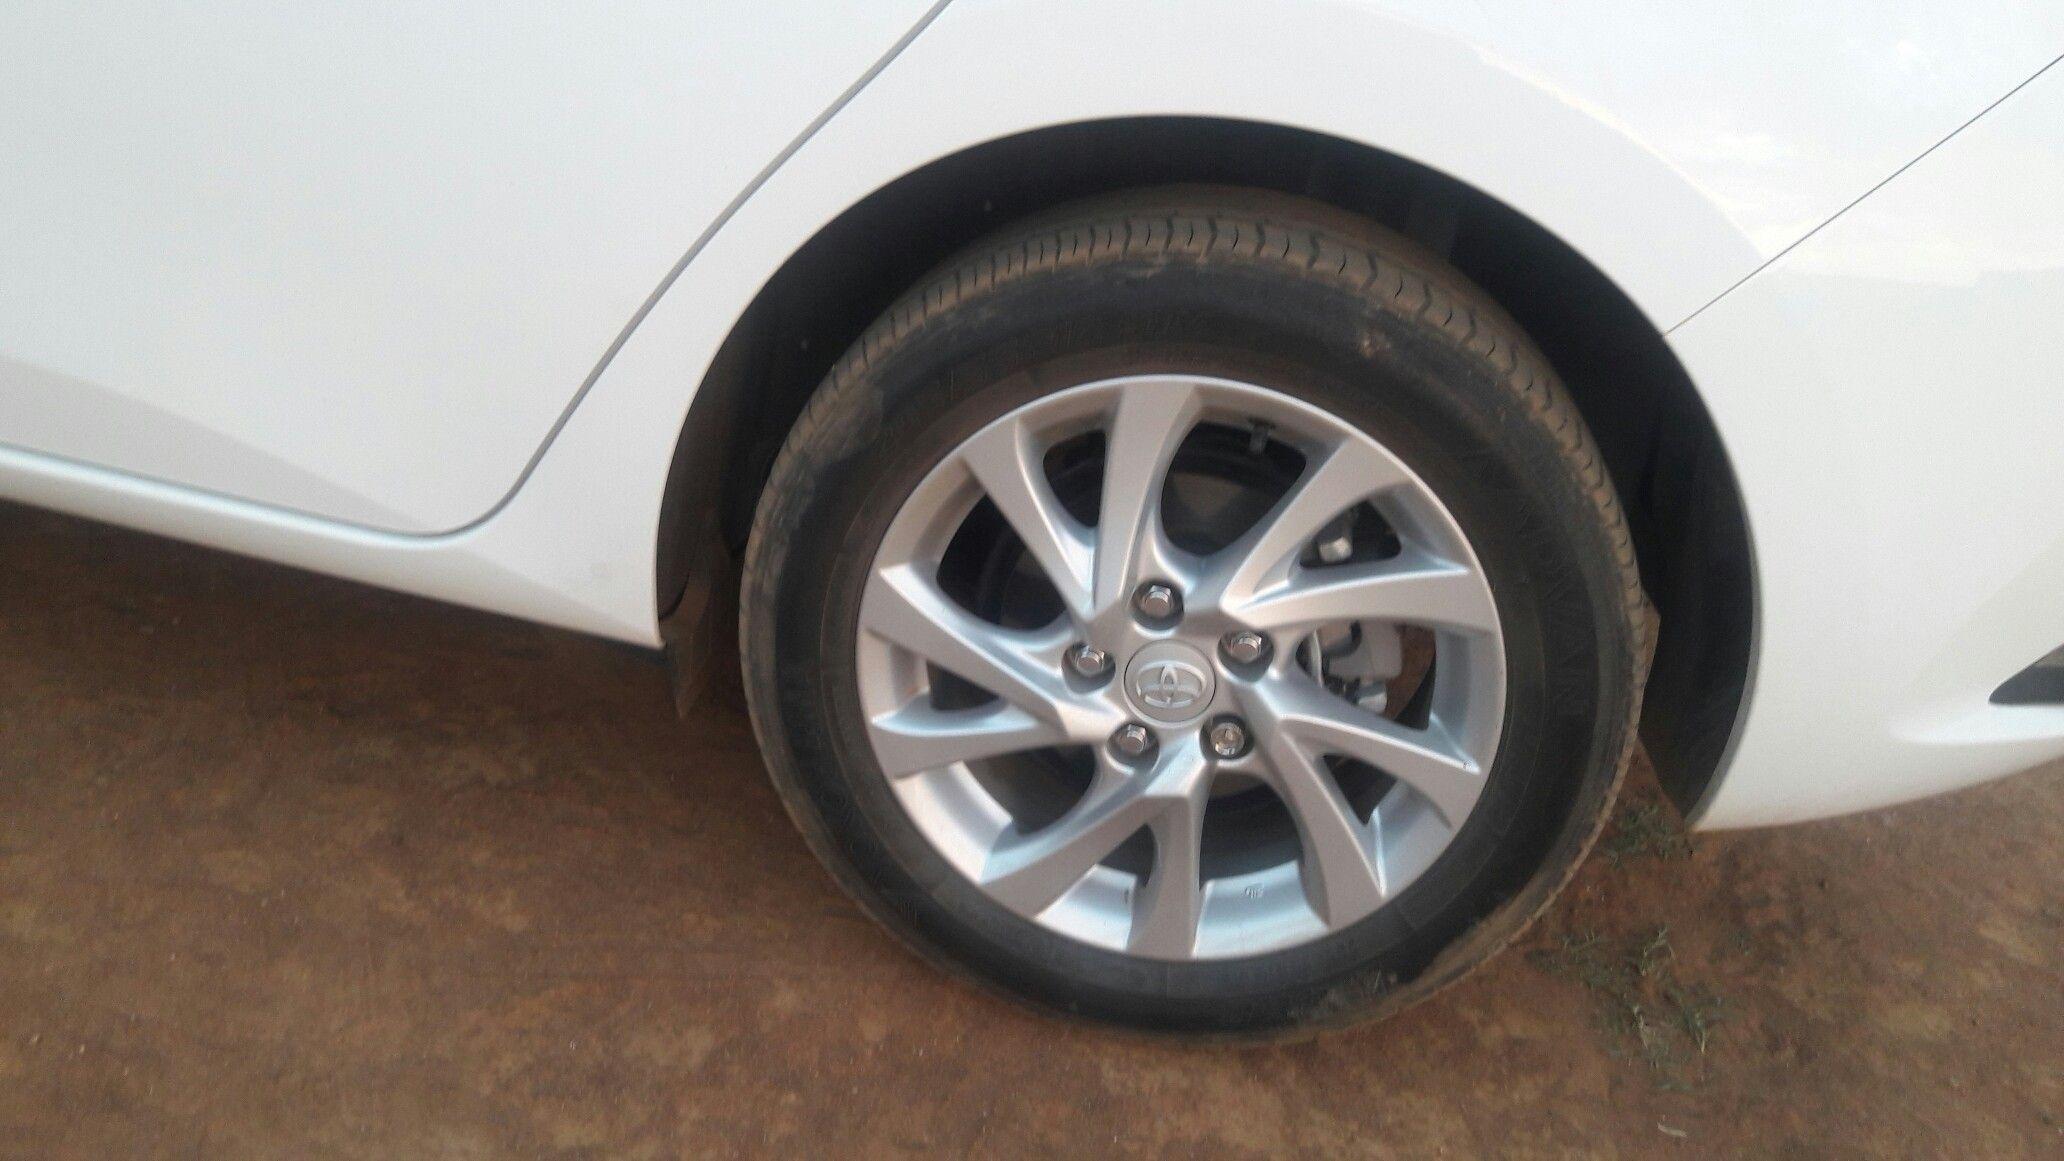 Pin by Kenya Nkwanazana on nails Vehicles, Car